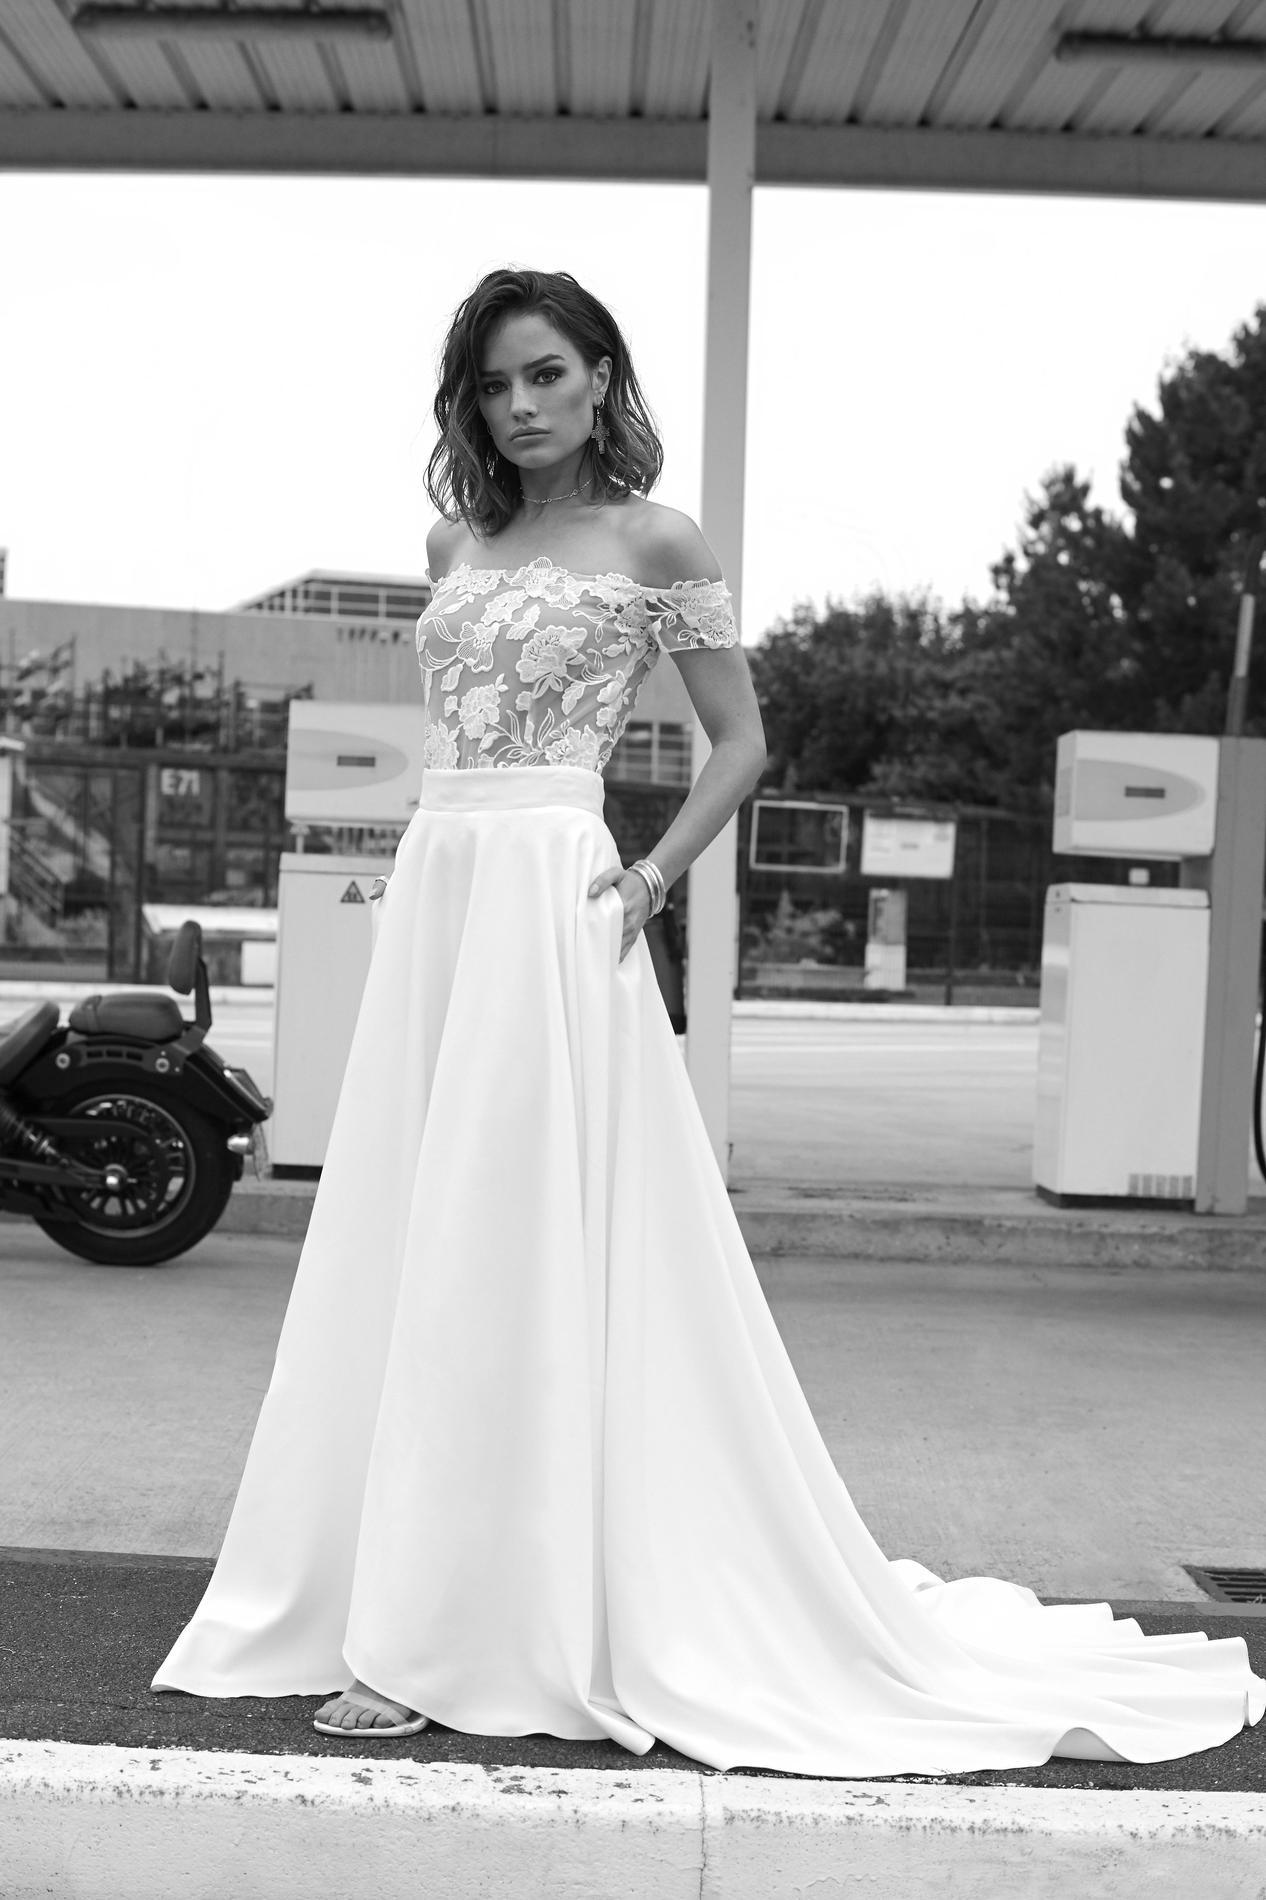 rime arodaky nous pr sente sa collection de robes de mari e